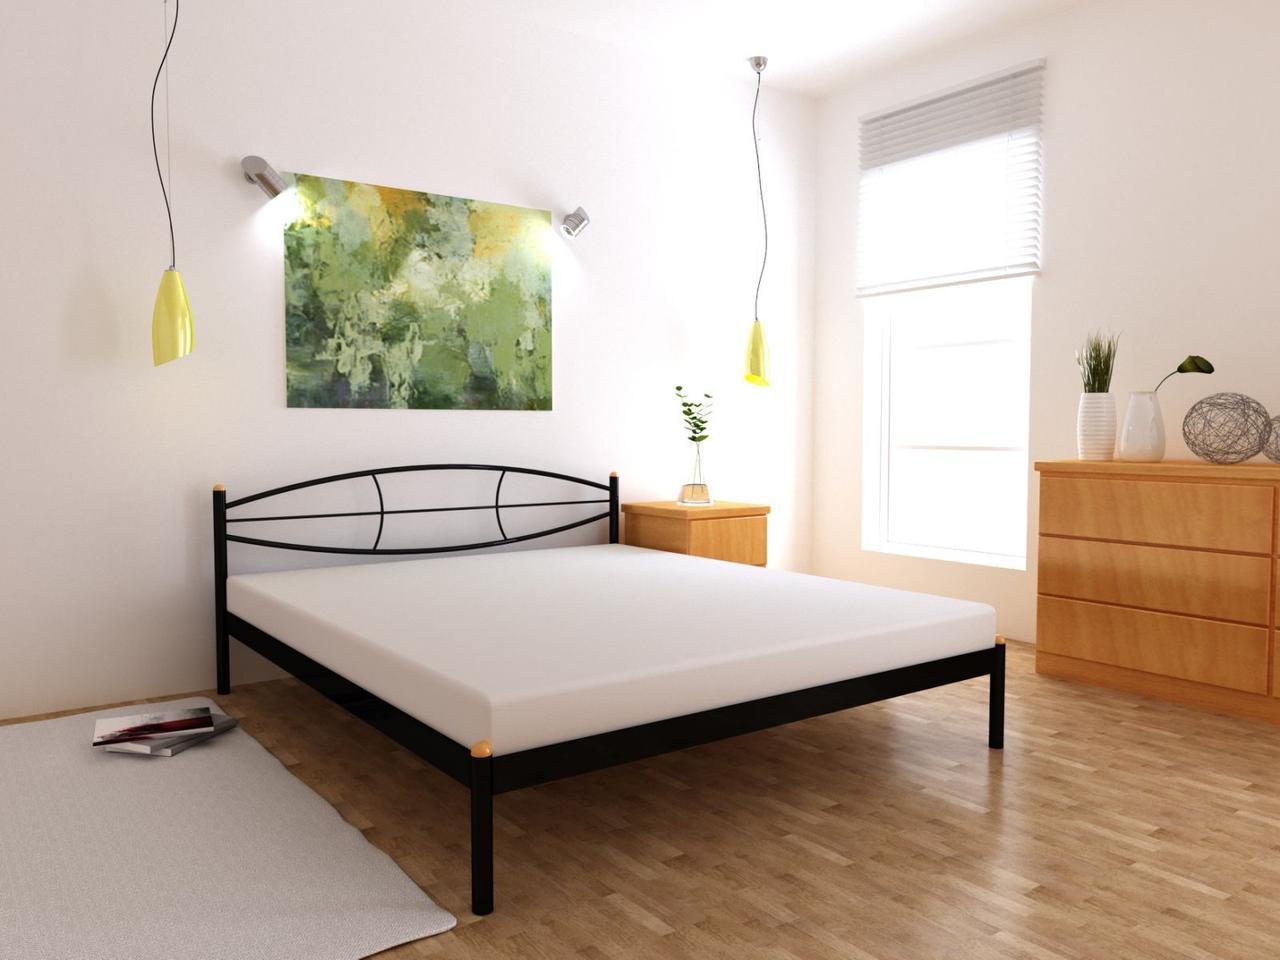 Металеве ліжко Аура односпальне 80х190 см, ортопедична